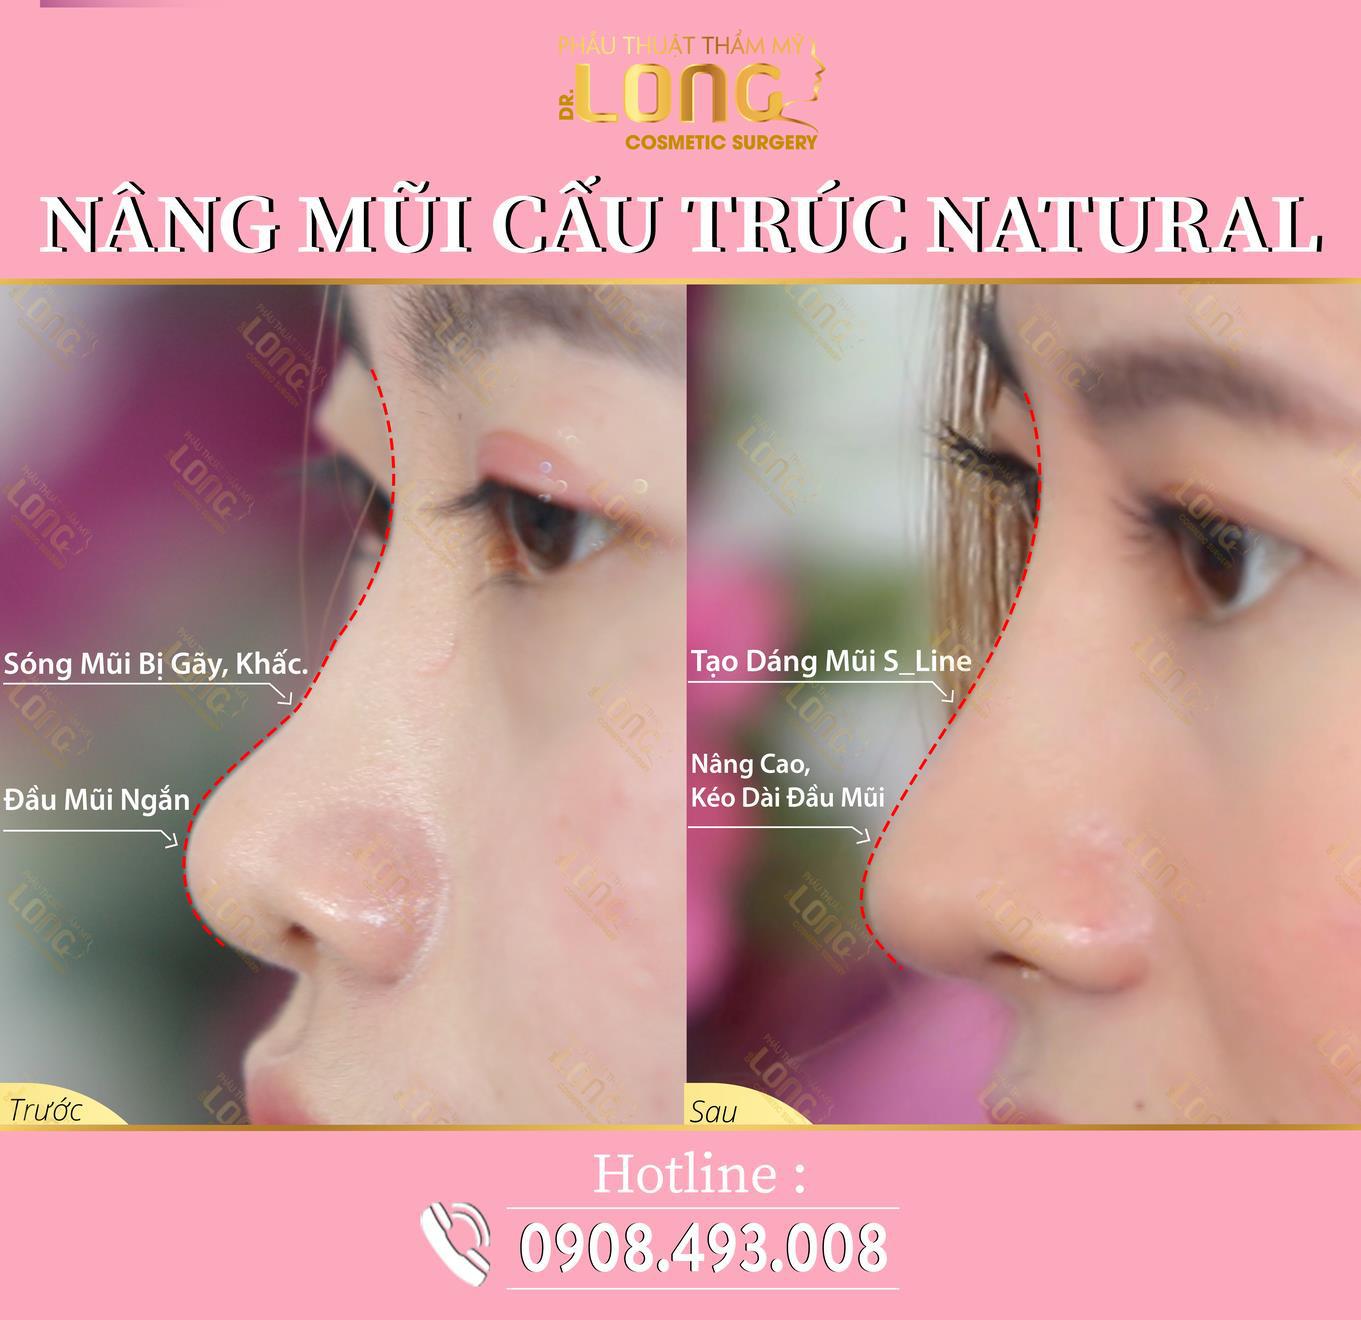 Mách bạn địa chỉ uy tín nâng mũi cấu trúc natural: Biến hình chiếc mũi đầy khuyết điểm trở nên đẹp tự nhiên mà hiệu quả lâu dài - Ảnh 3.